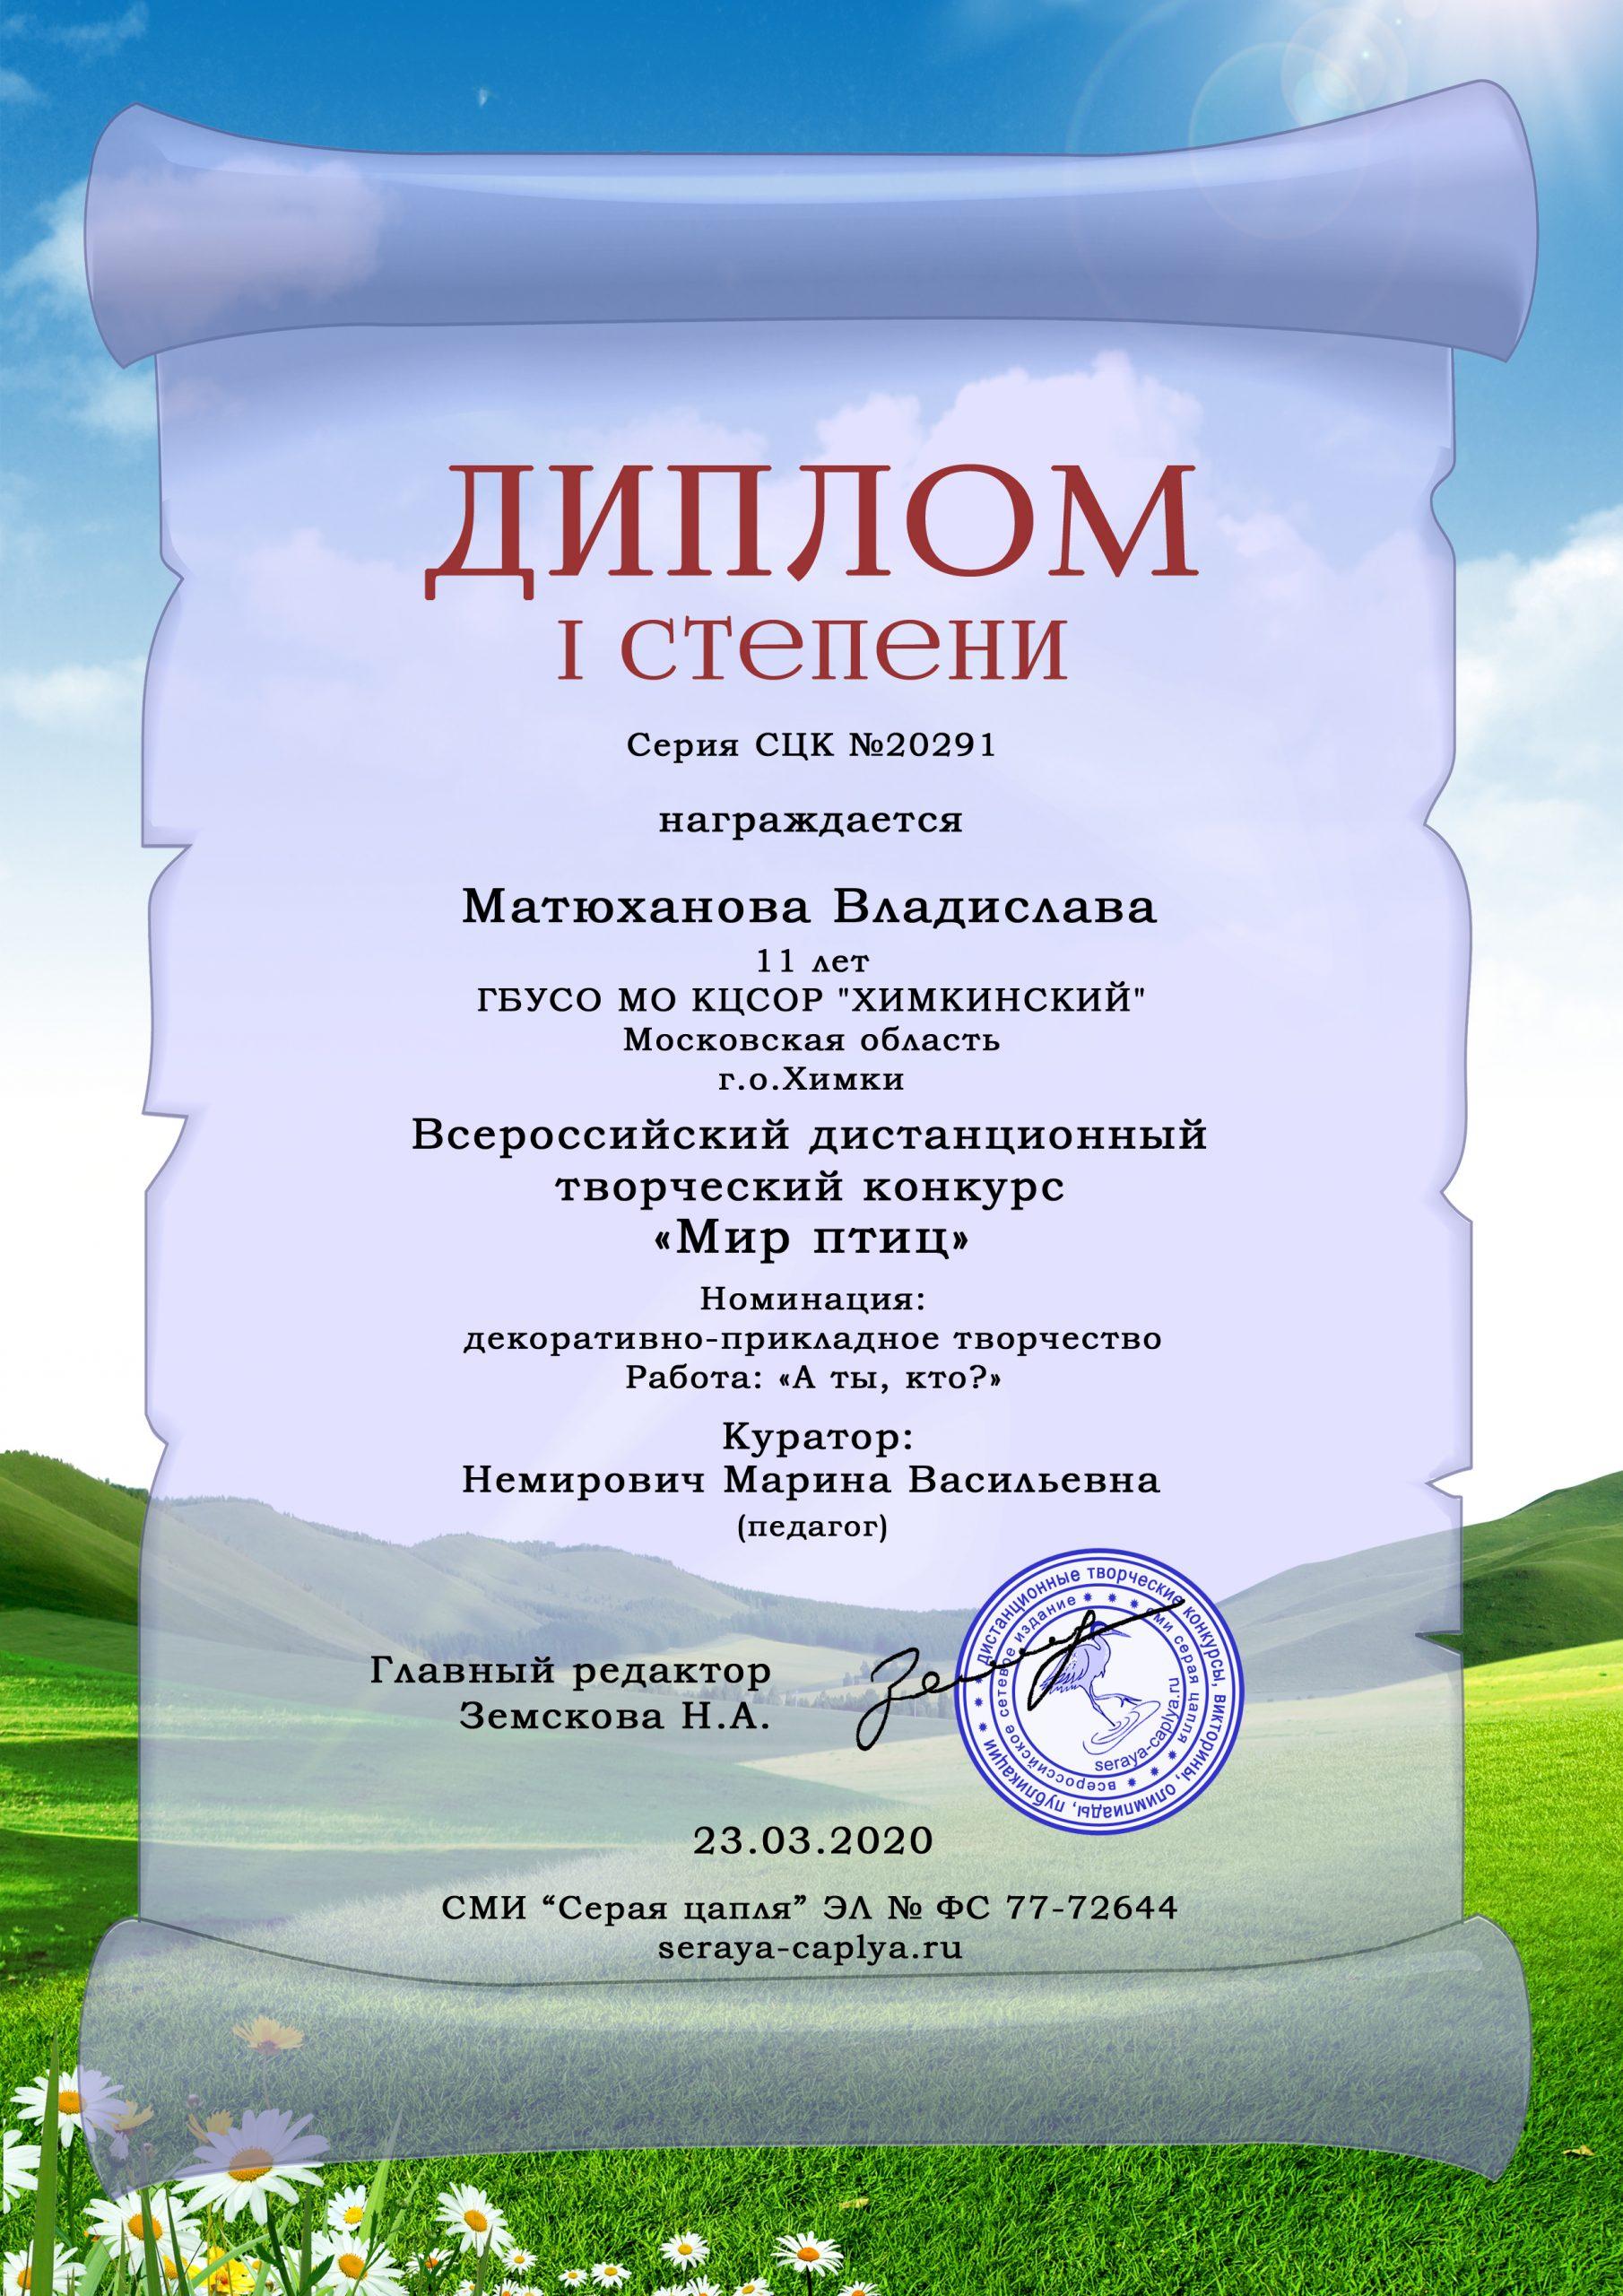 Матюханова